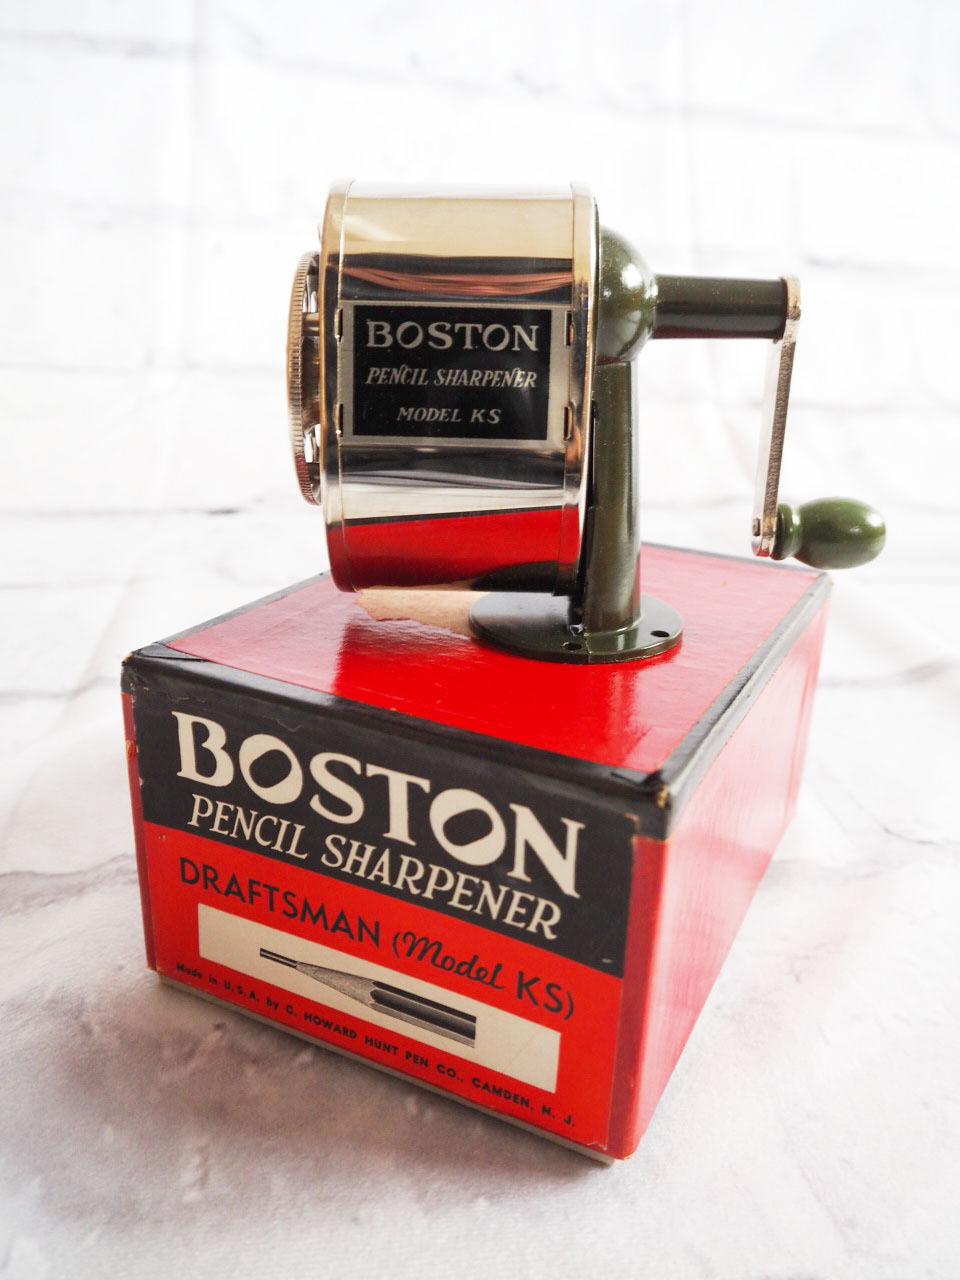 品番0912 BOSTON MODEL KS ペンシルシャープナー 鉛筆削り 元箱付 ヴィンテージ